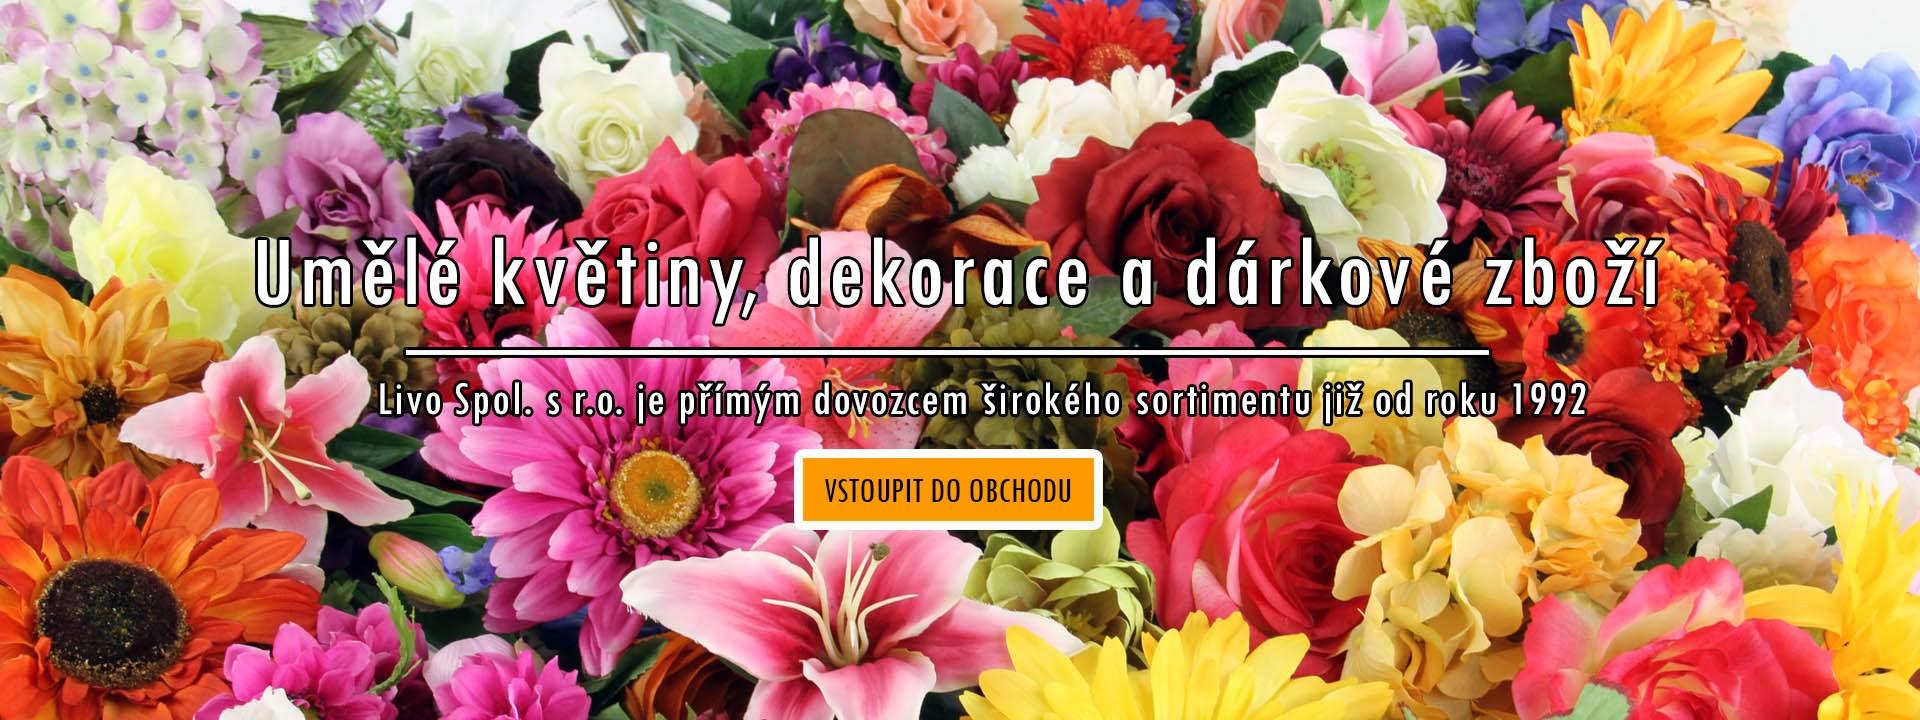 LIVOUK.CZ - Umelé kvetiny, dekorace a dárkové zboží